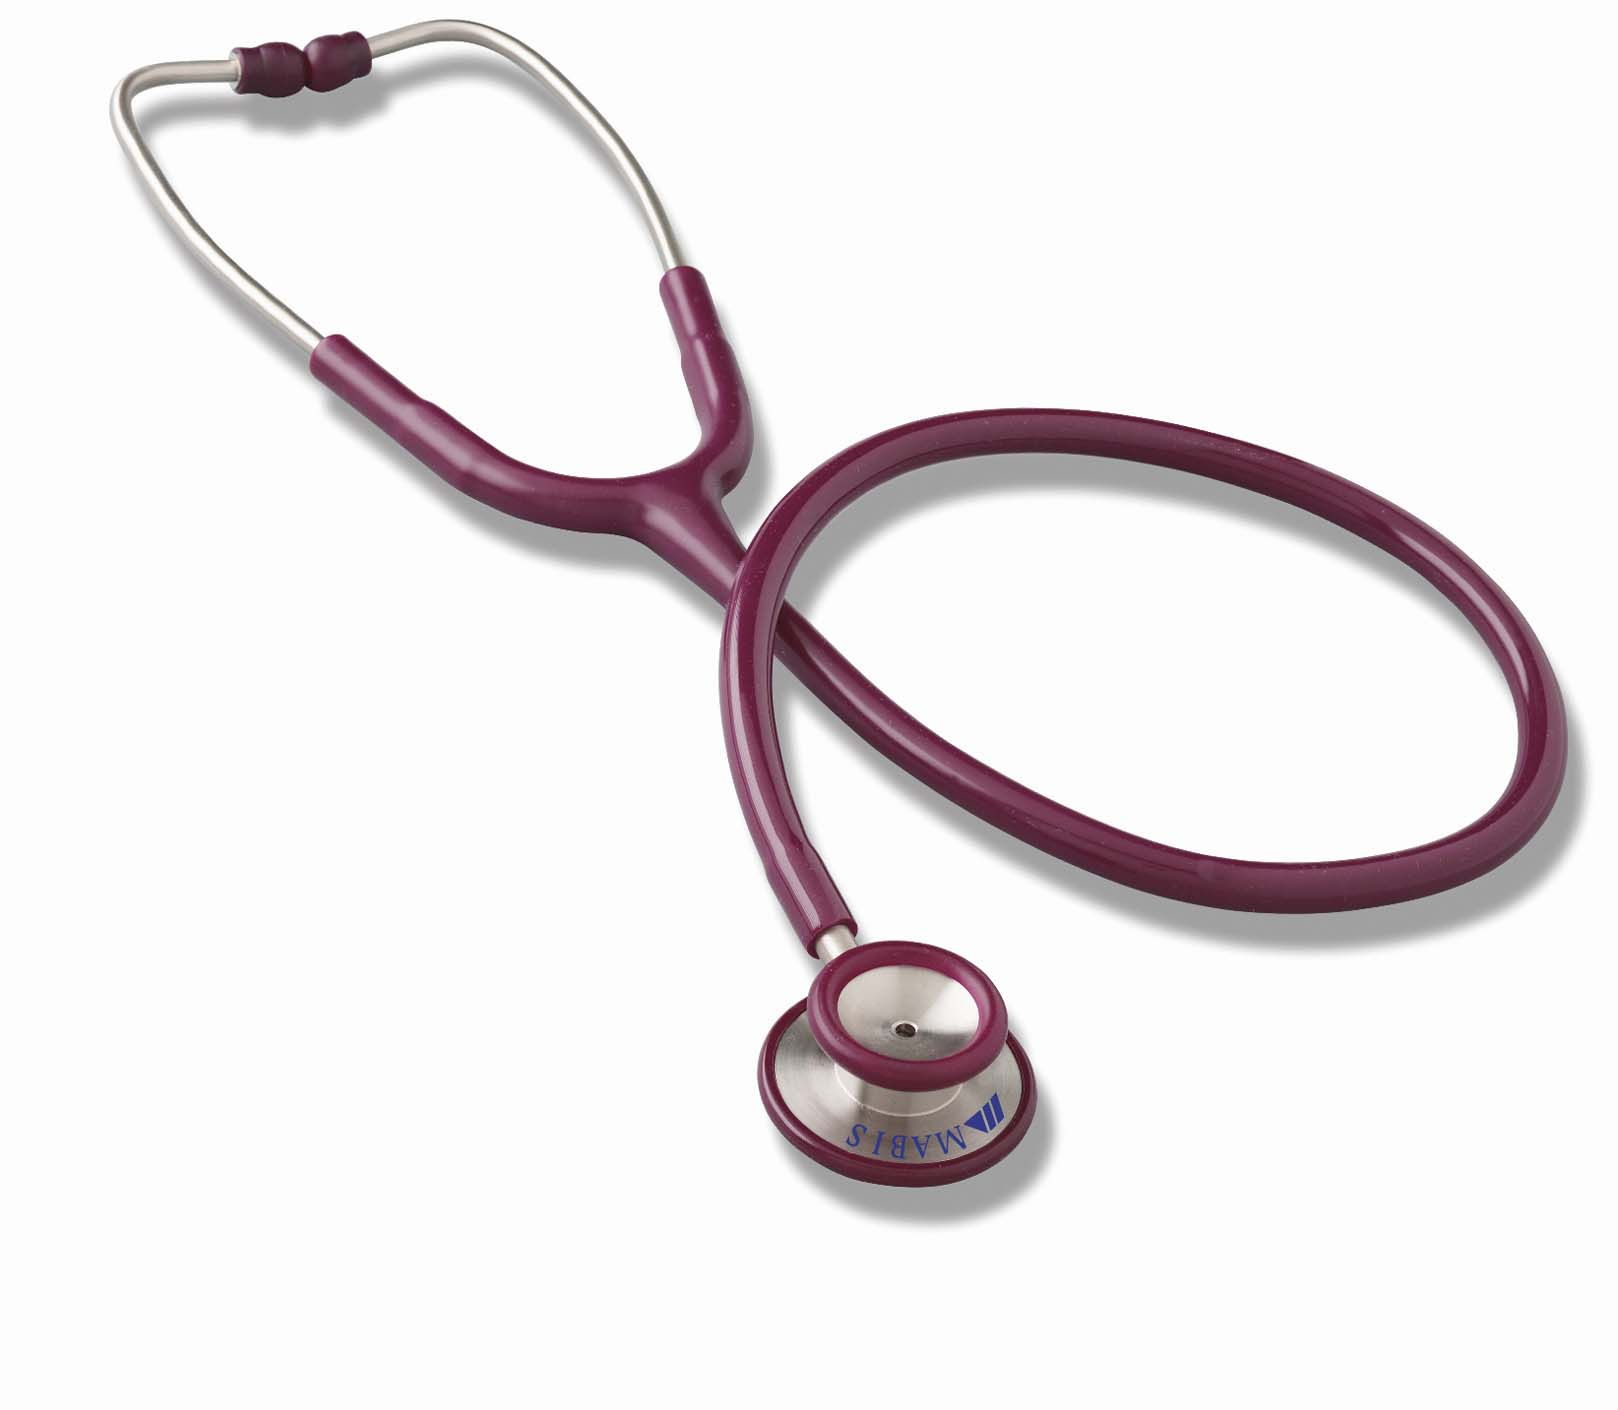 signature-series-stainless-steel-stethoscope-adult-black-10-404-020-lr.jpg